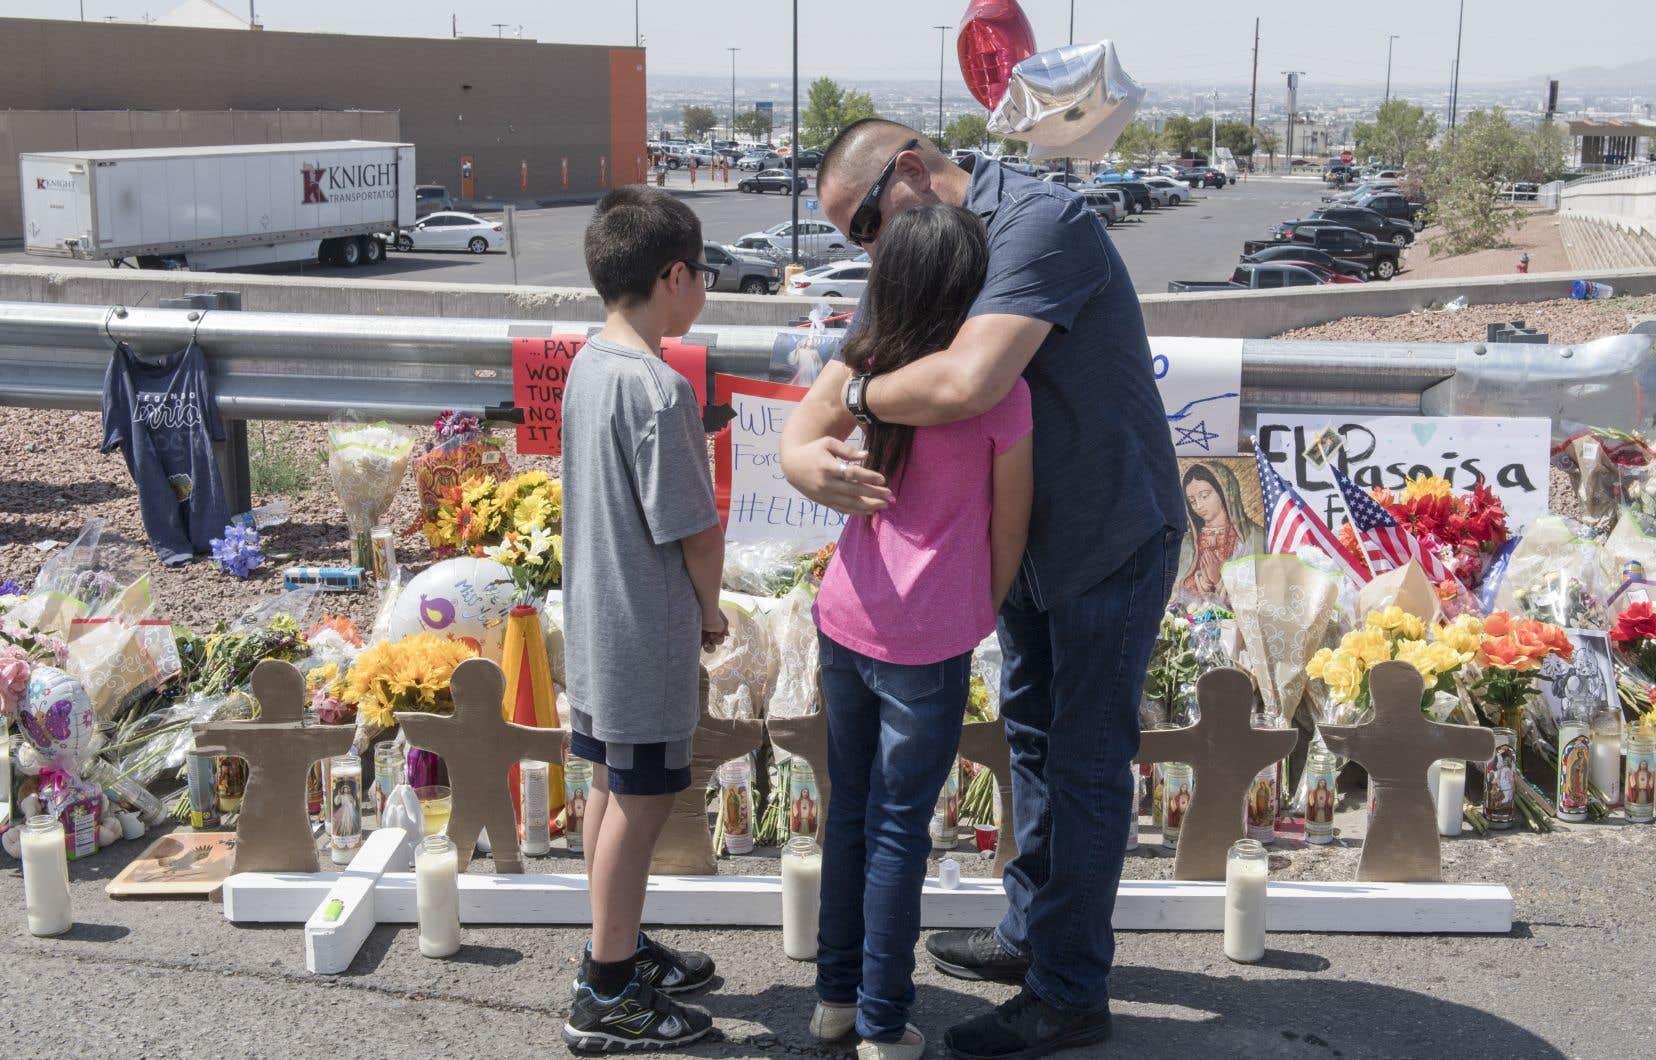 Le bilan de la tuerie s'élève à 22 morts,dont huit Mexicains et une majorité d'Américains d'origine hispaniques, et 26 ont été blessées.